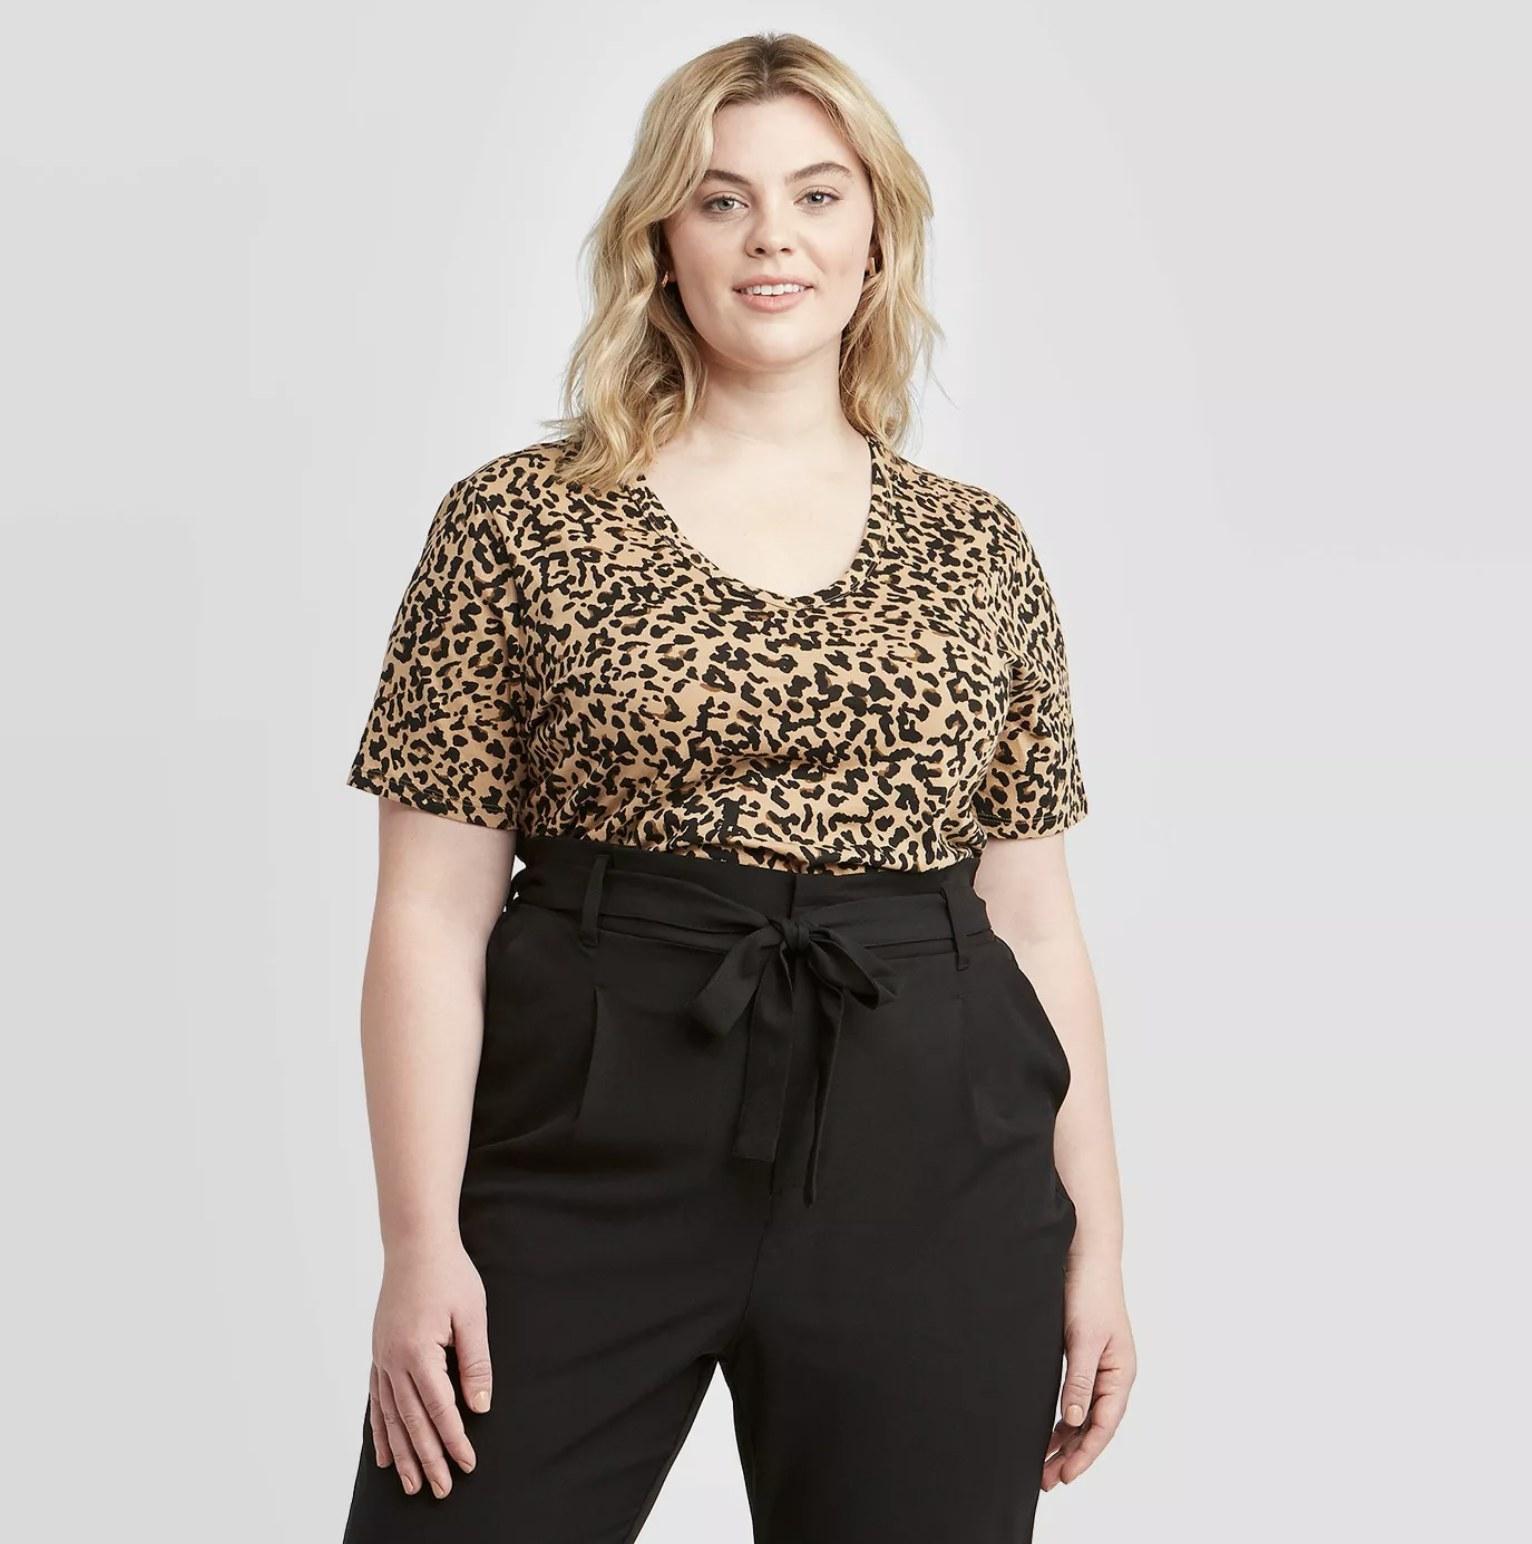 model wearing V-neck leopard tee